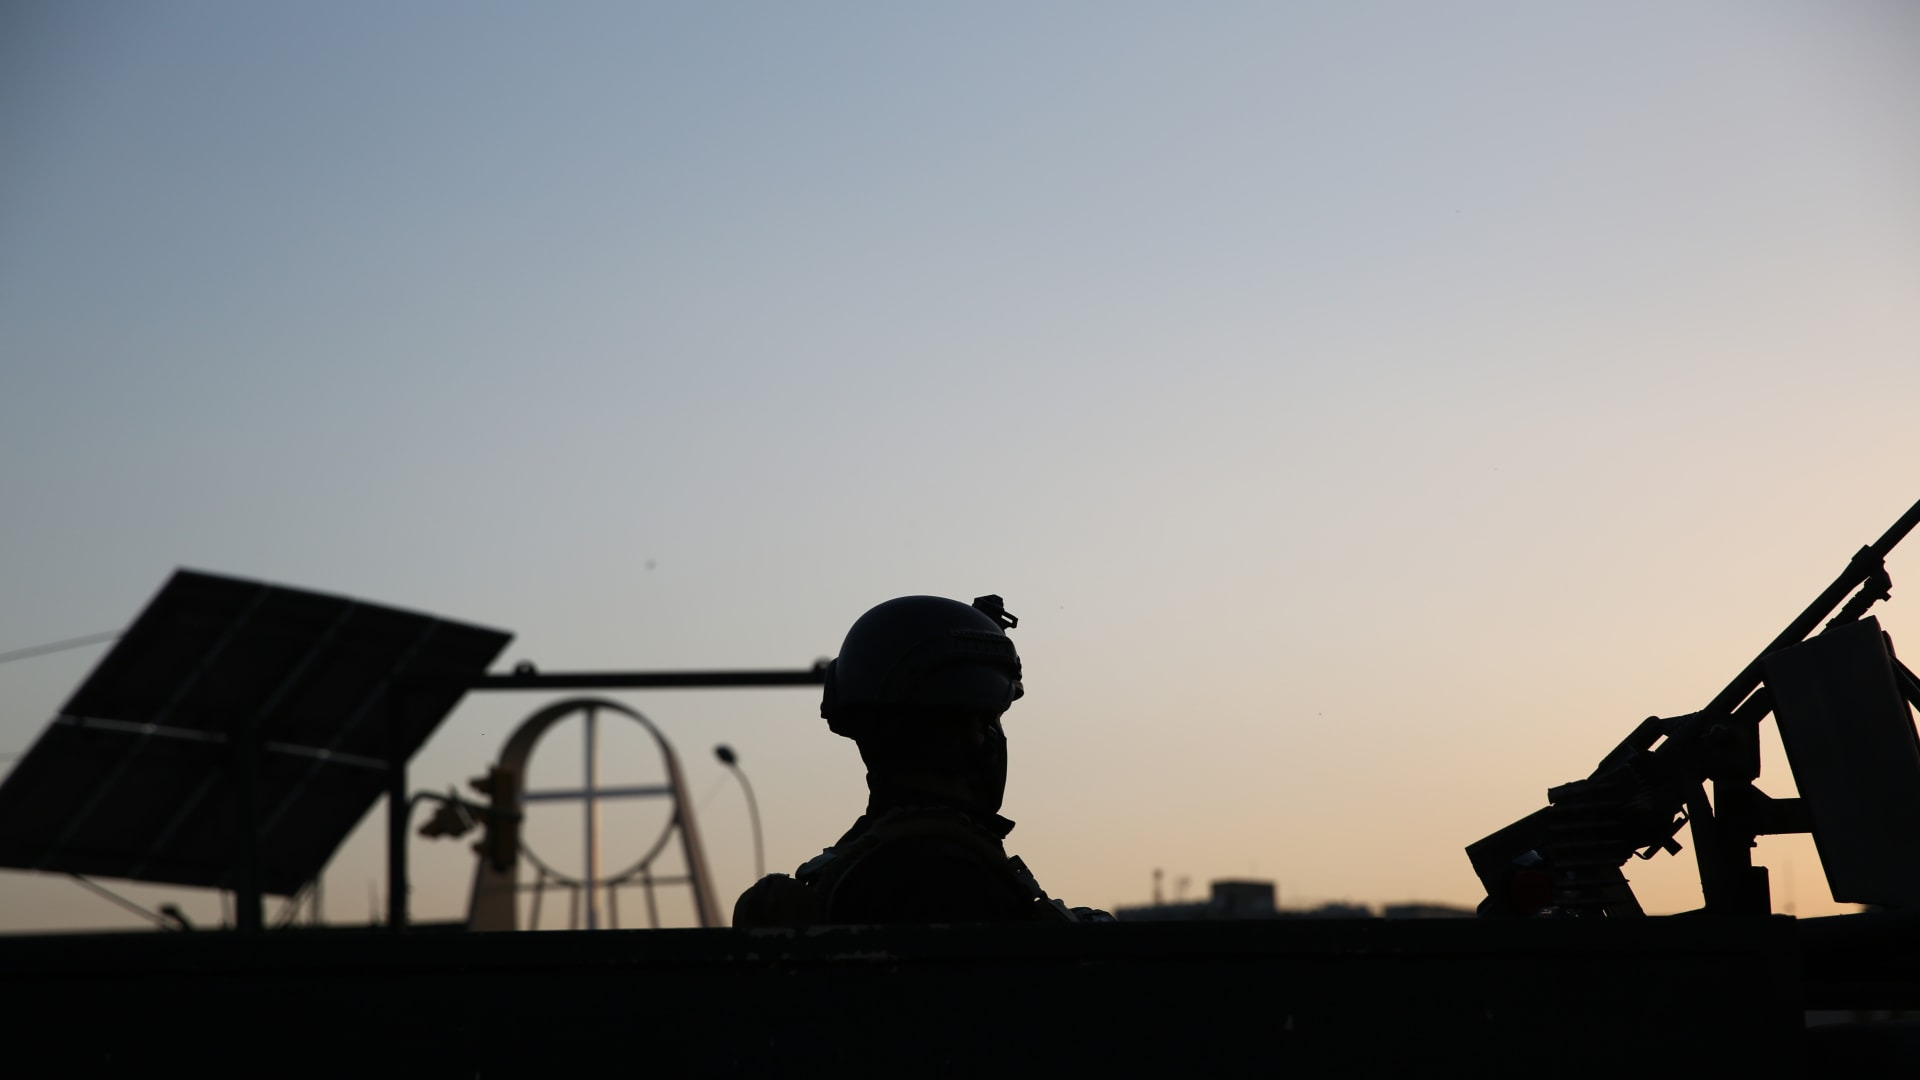 إصابة 8 مدنيين بانفجار في بغداد بعد يوم انتهاء زيارة البابا فرنسيس إلى العراق